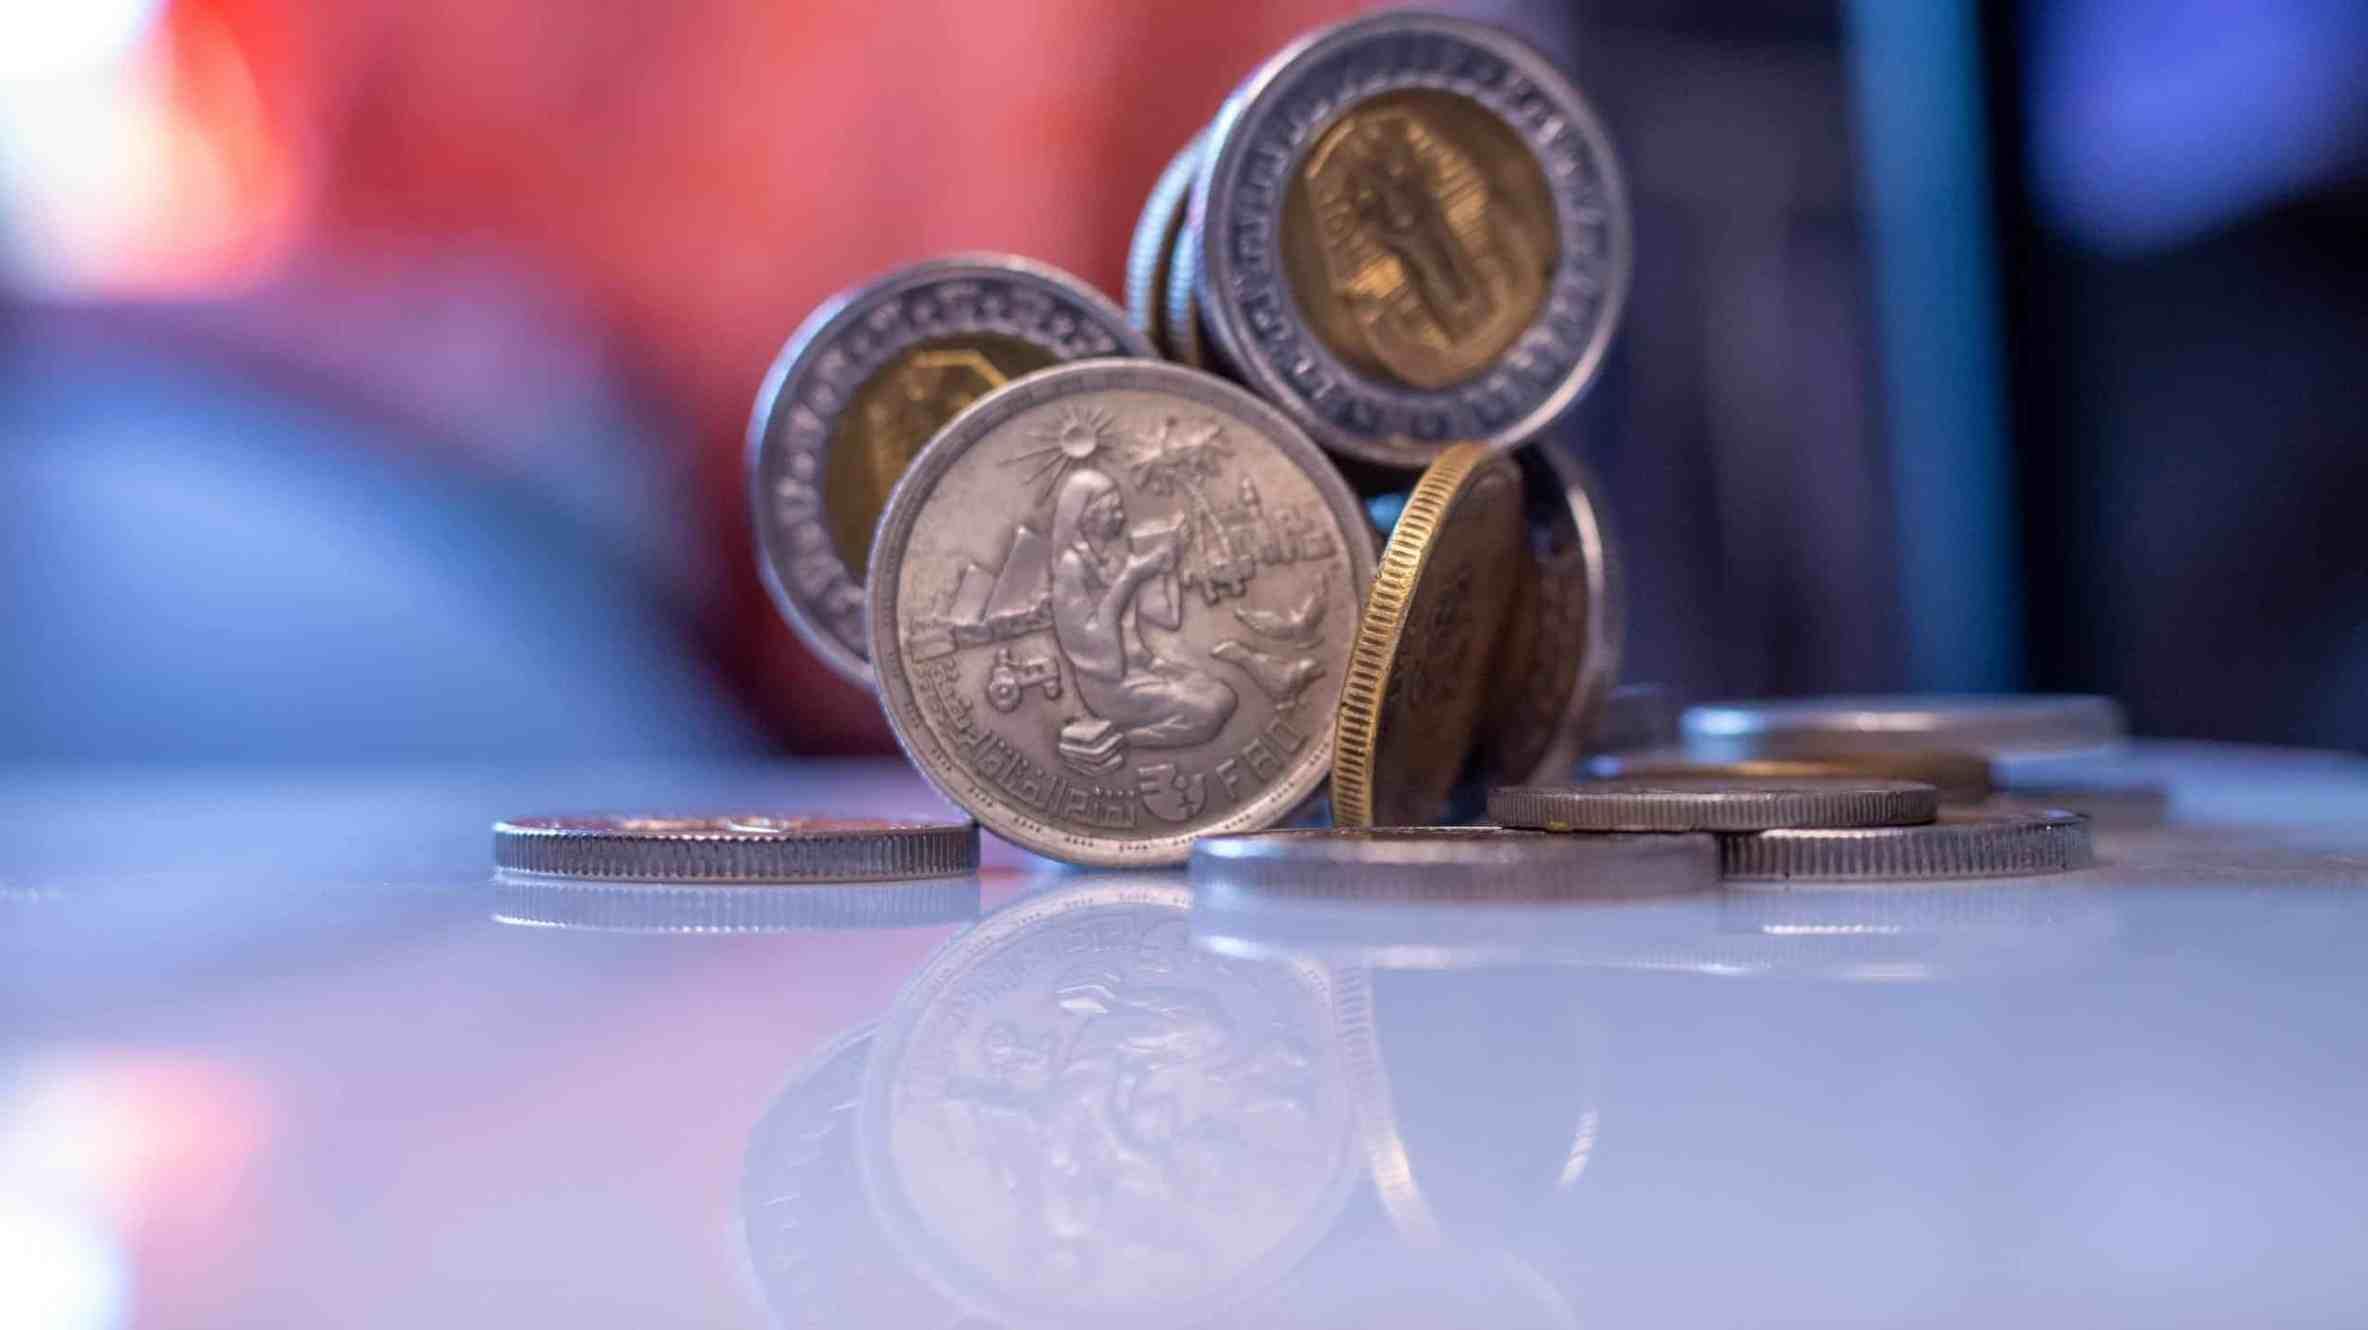 kā nopelnīt naudu un kam paredzēta nauda